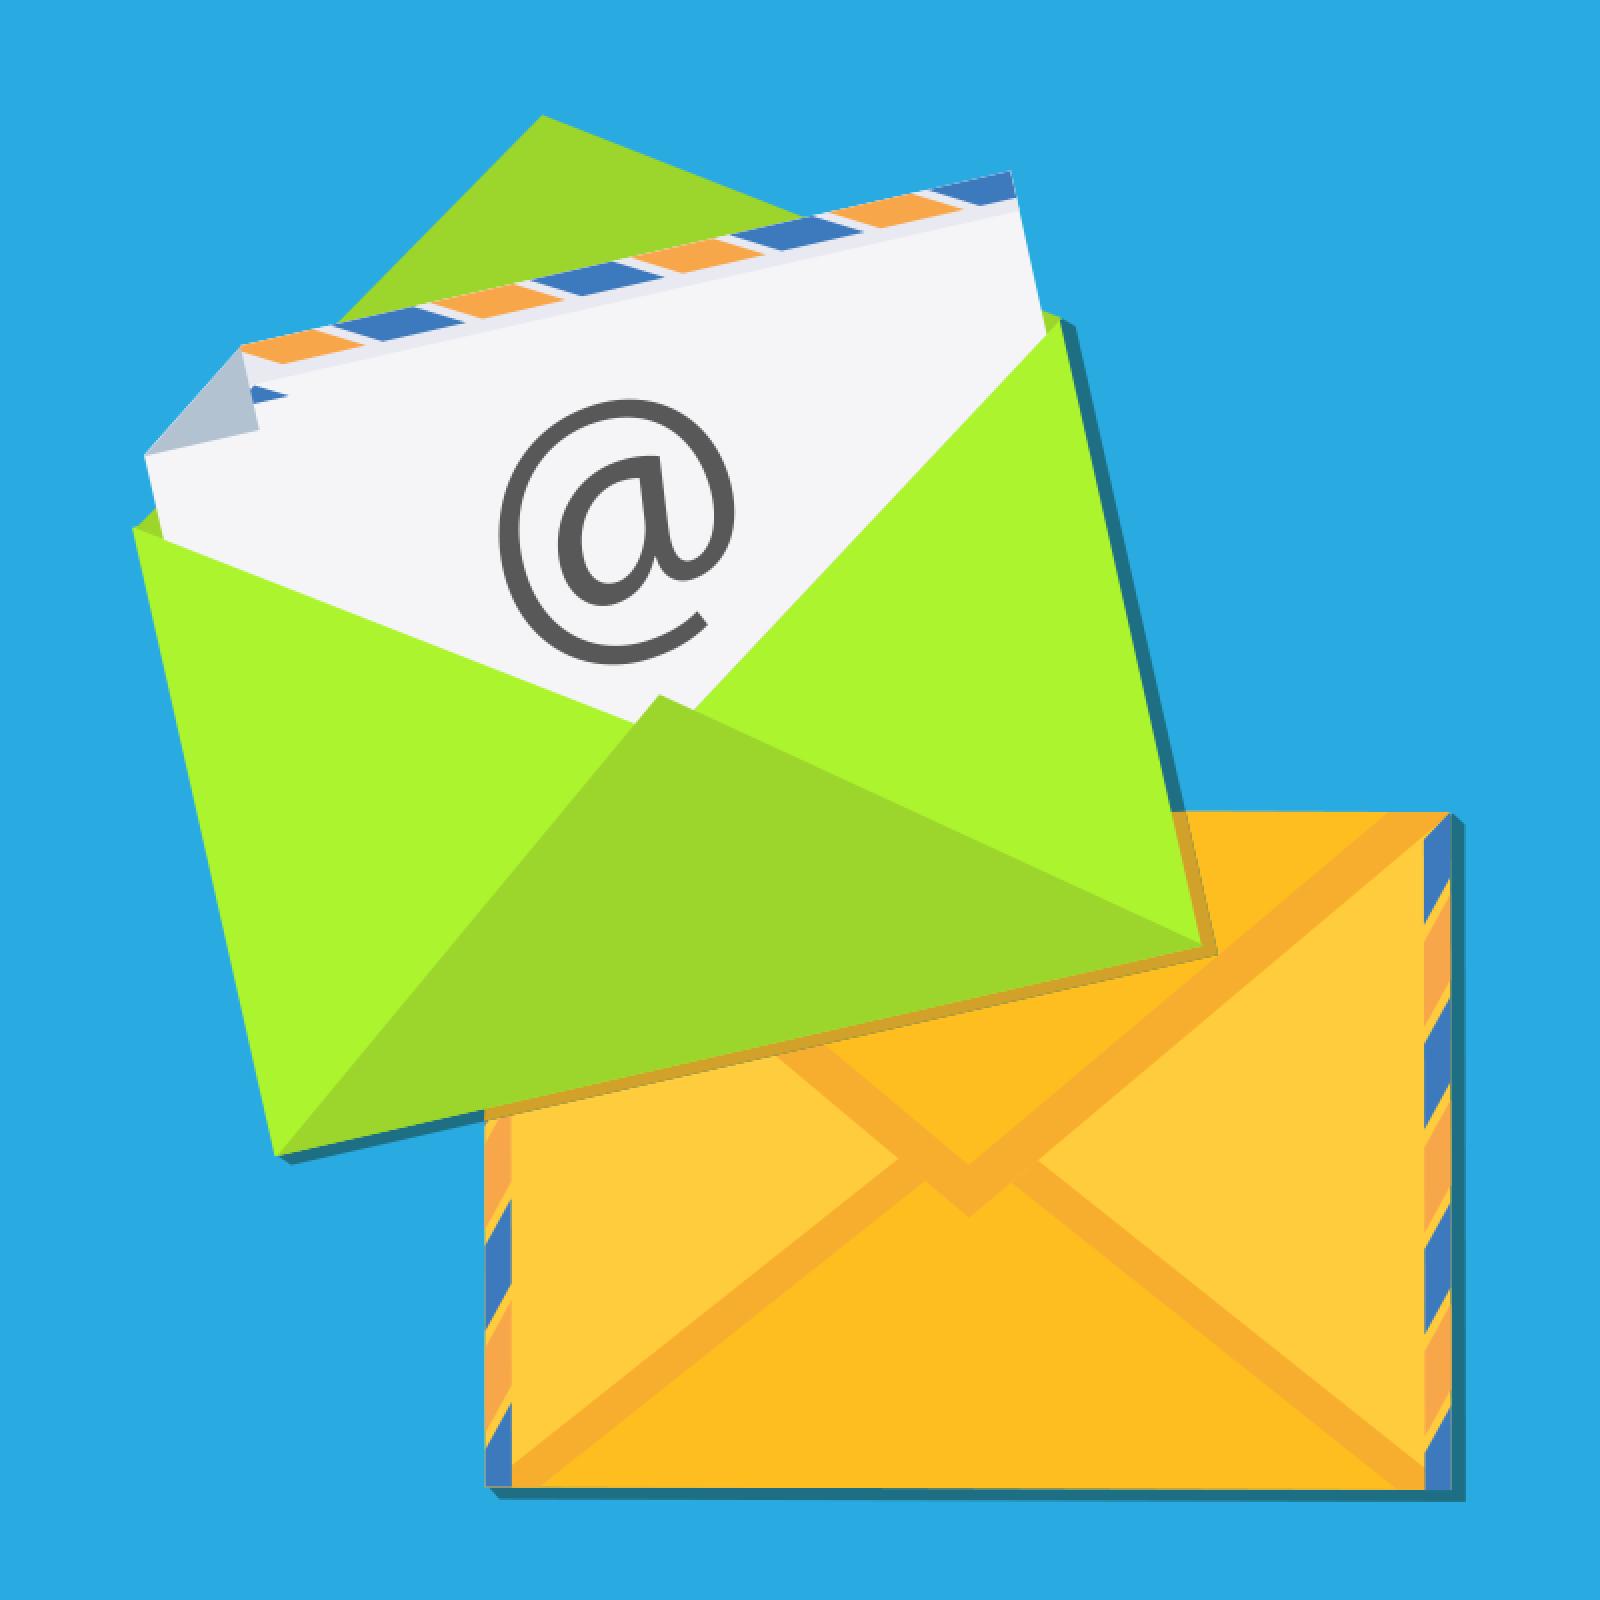 The Bat! v8.2 lasă în urmă vulnerabilitățile Mailsploit